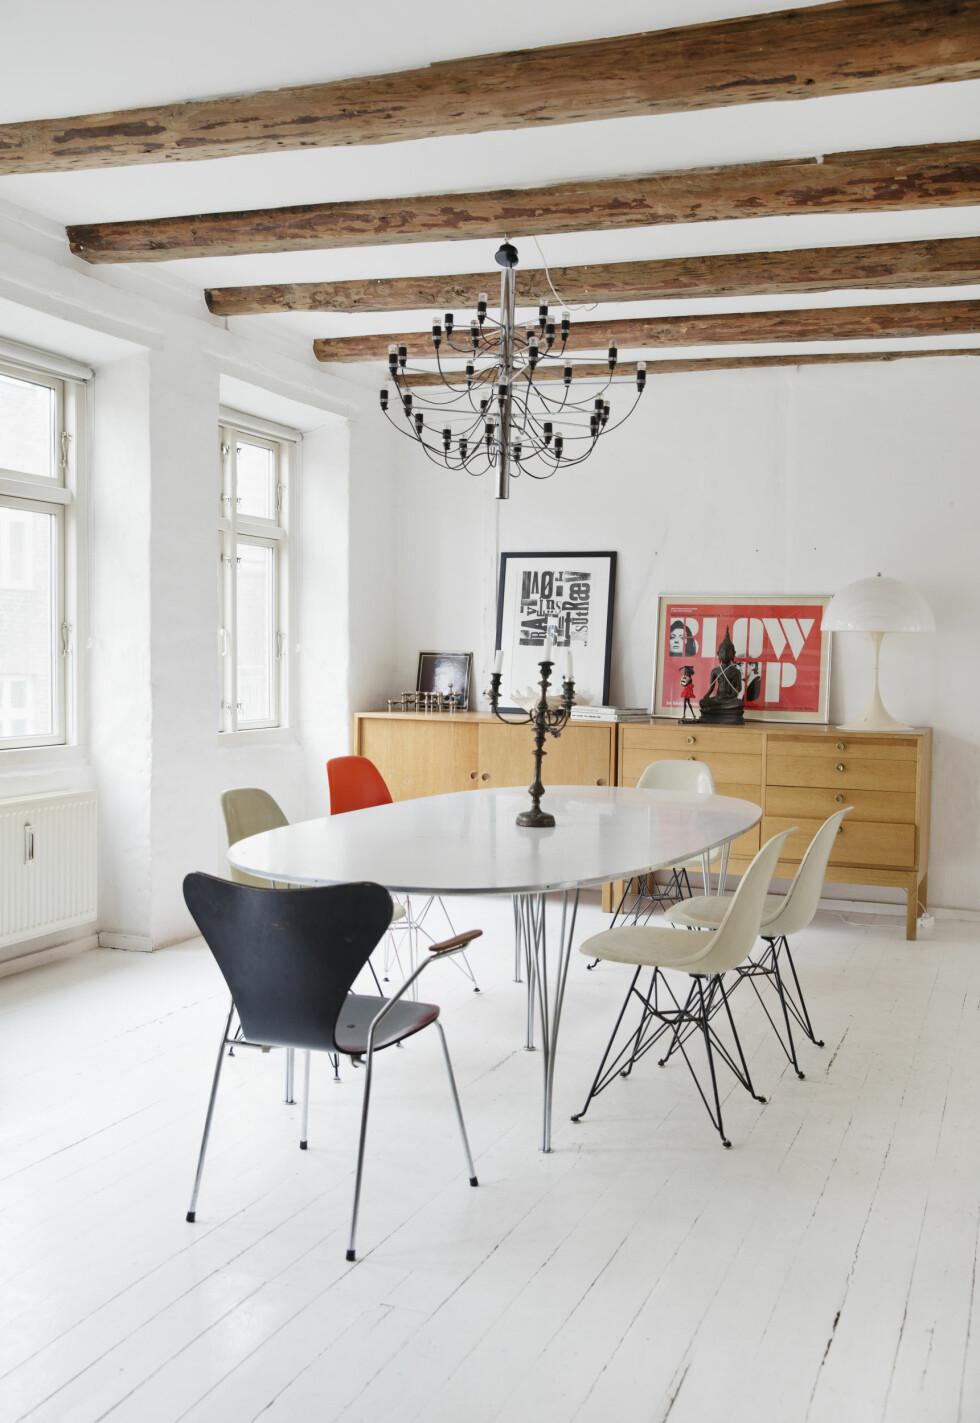 <strong>HERLIG MED GJESTER:</strong> Rundt Piet Heins ellipsebord står Eames- og Arne Jacobsenstoler i forskjellige farger. Stuen er nennsomt innredet. Foto: Yvonne Wilhelmsen